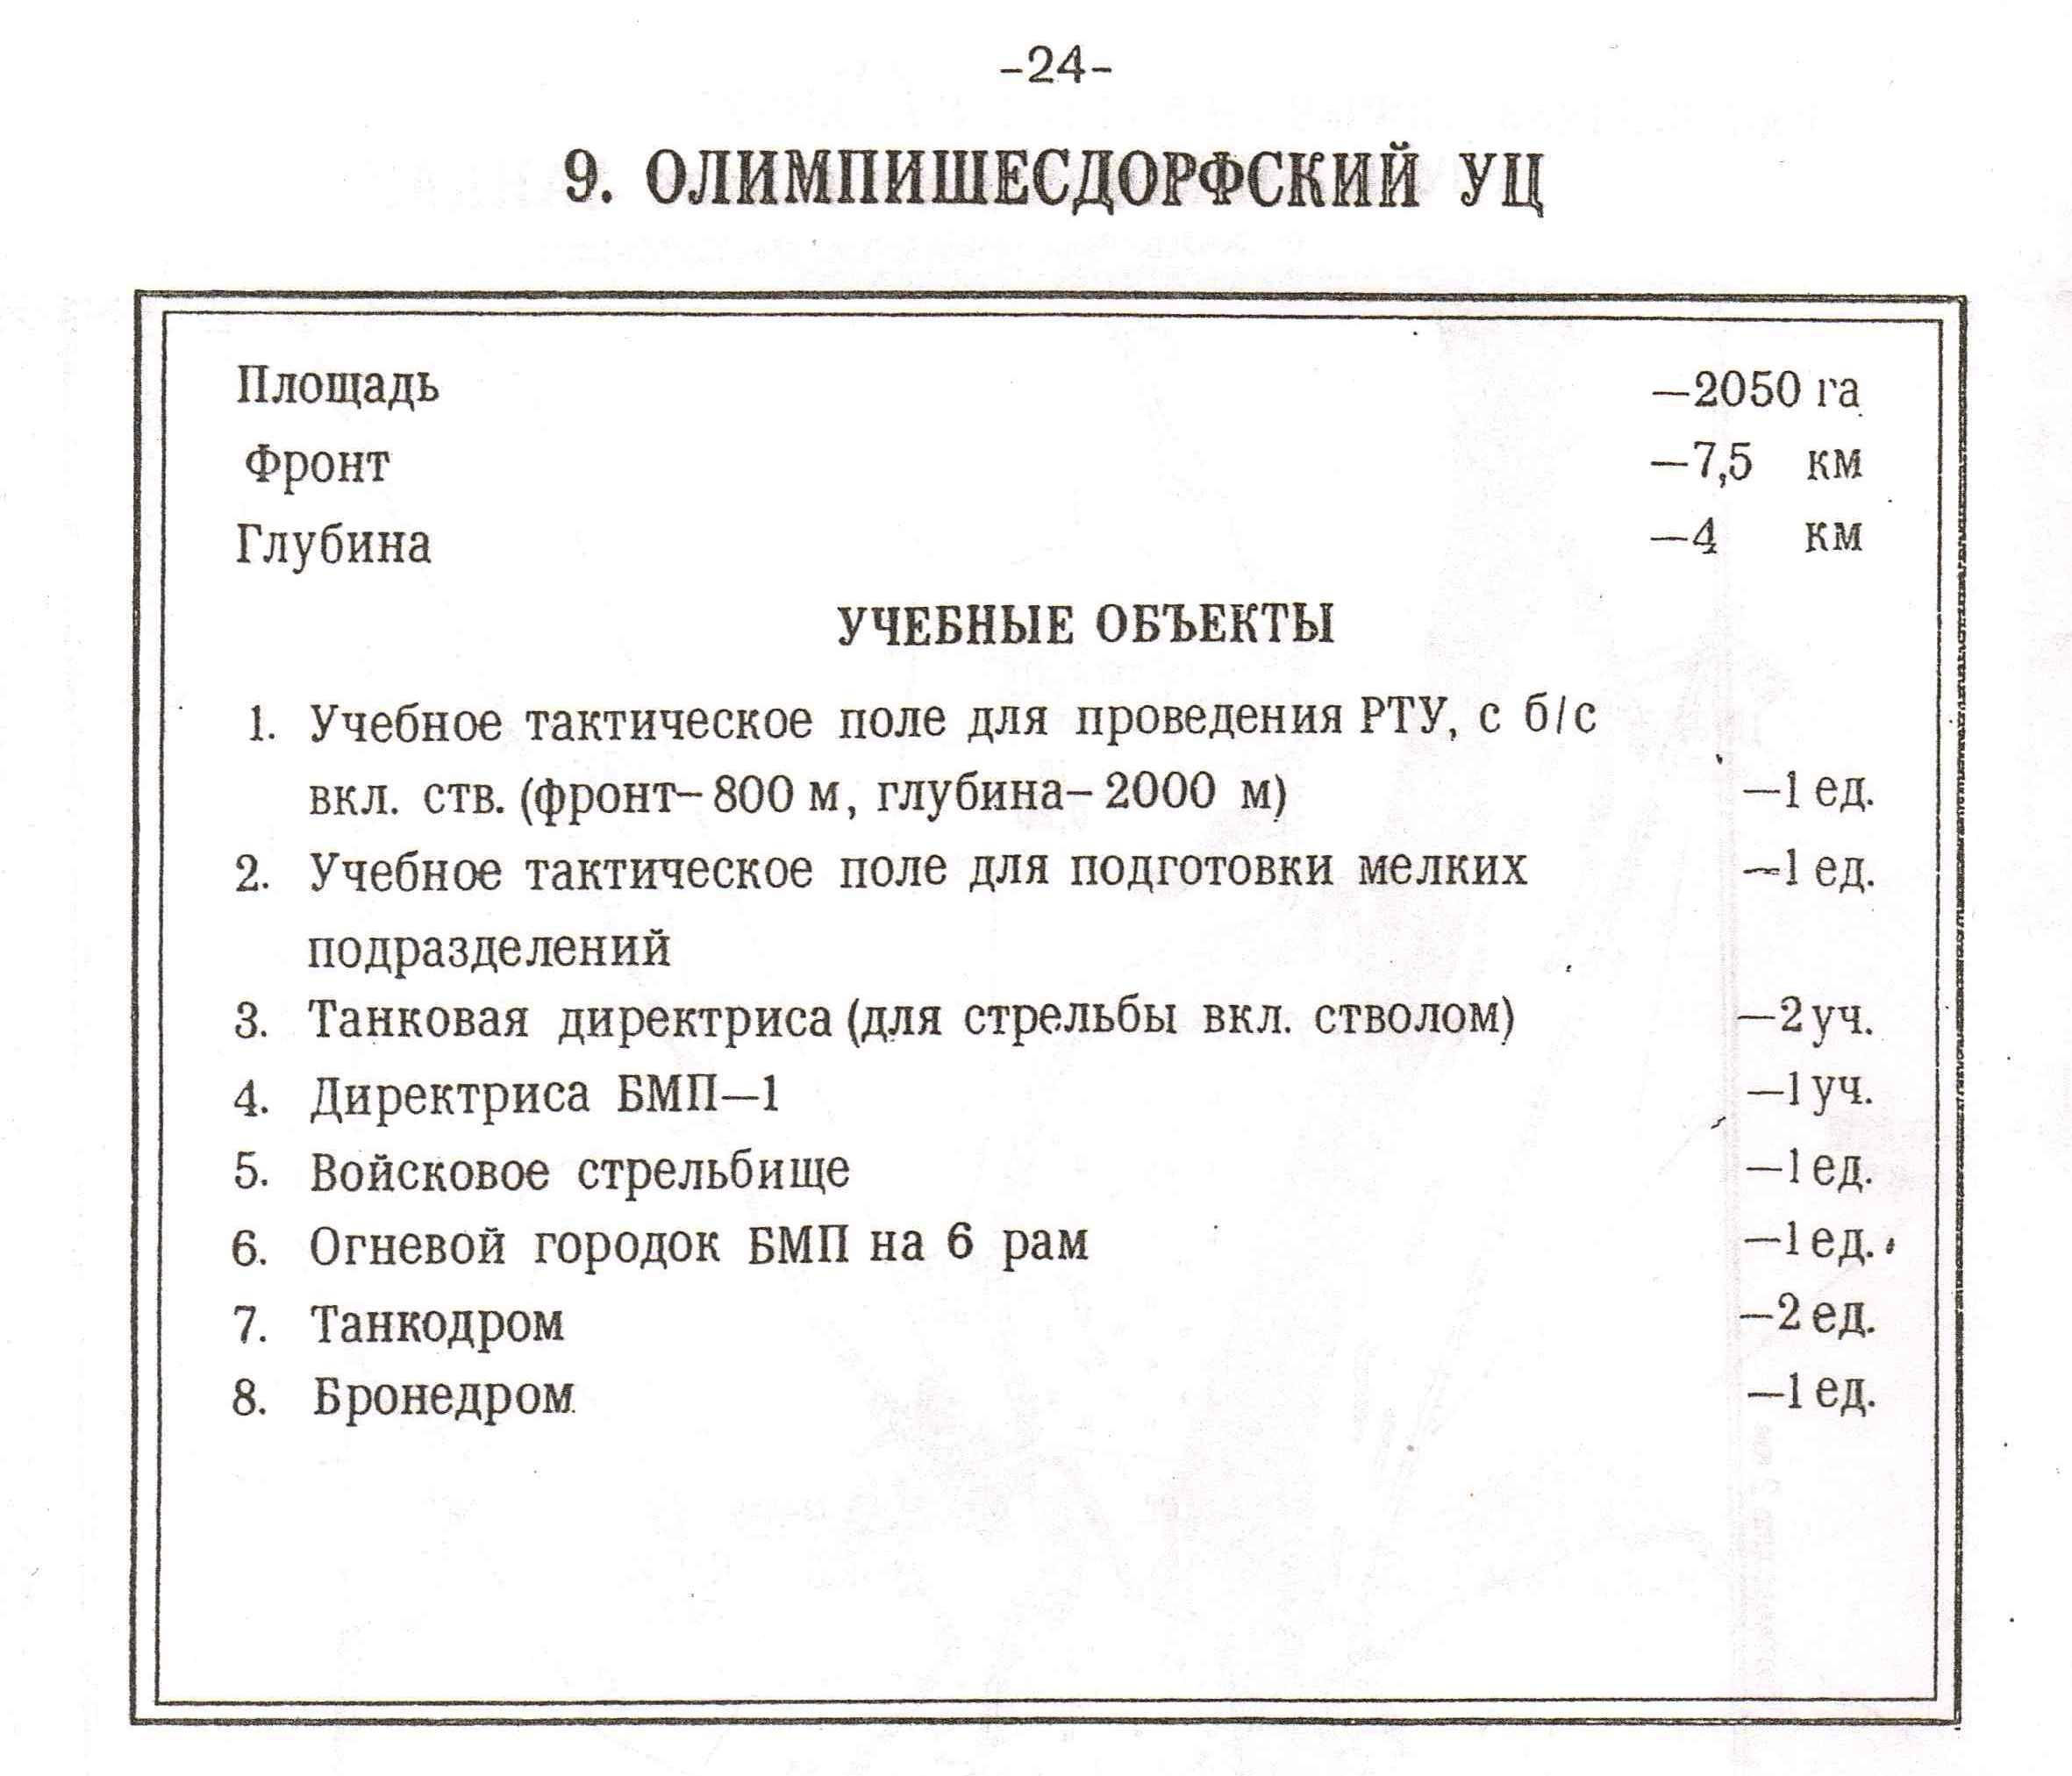 http://s2.uploads.ru/aulK7.jpg